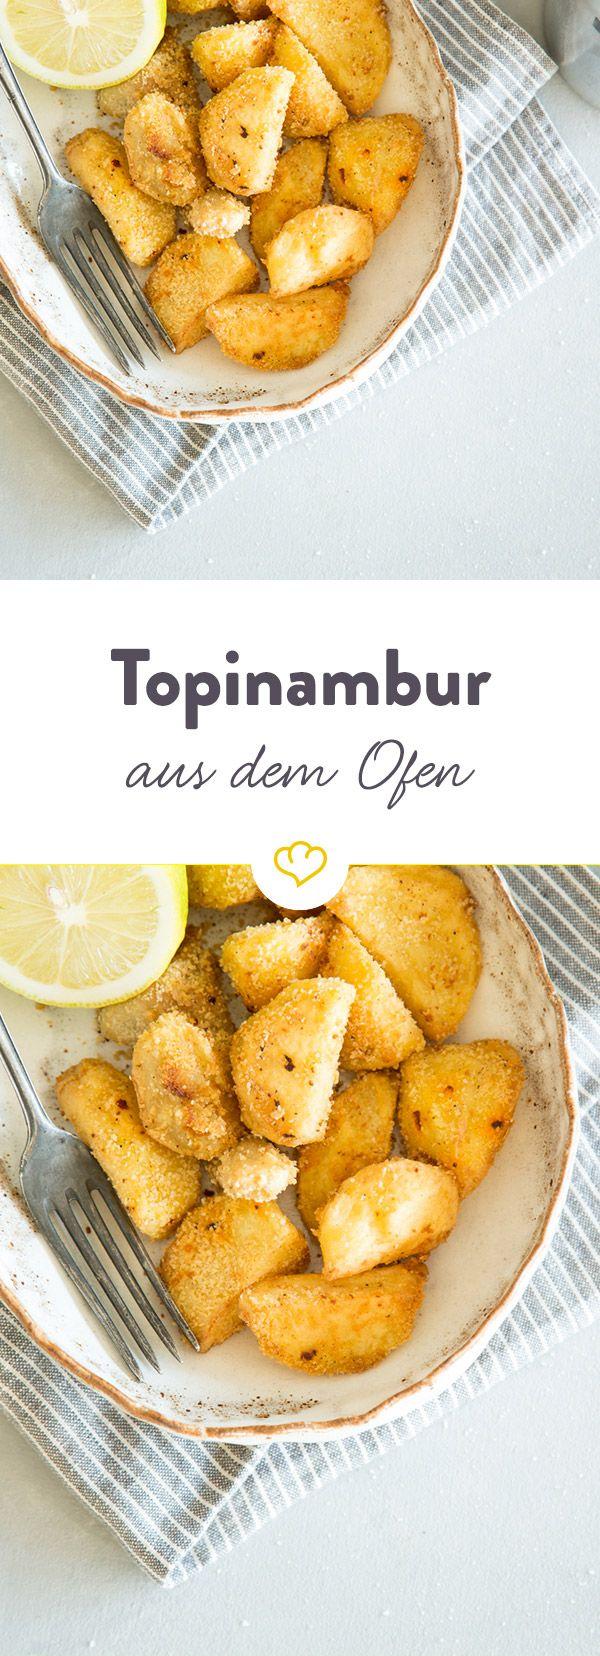 Diese knusprigen Topinambur aus dem Ofen sind die ideale Beilage auf deinem Teller und eine würzige Abwechslung zu Kartoffeln und Co.